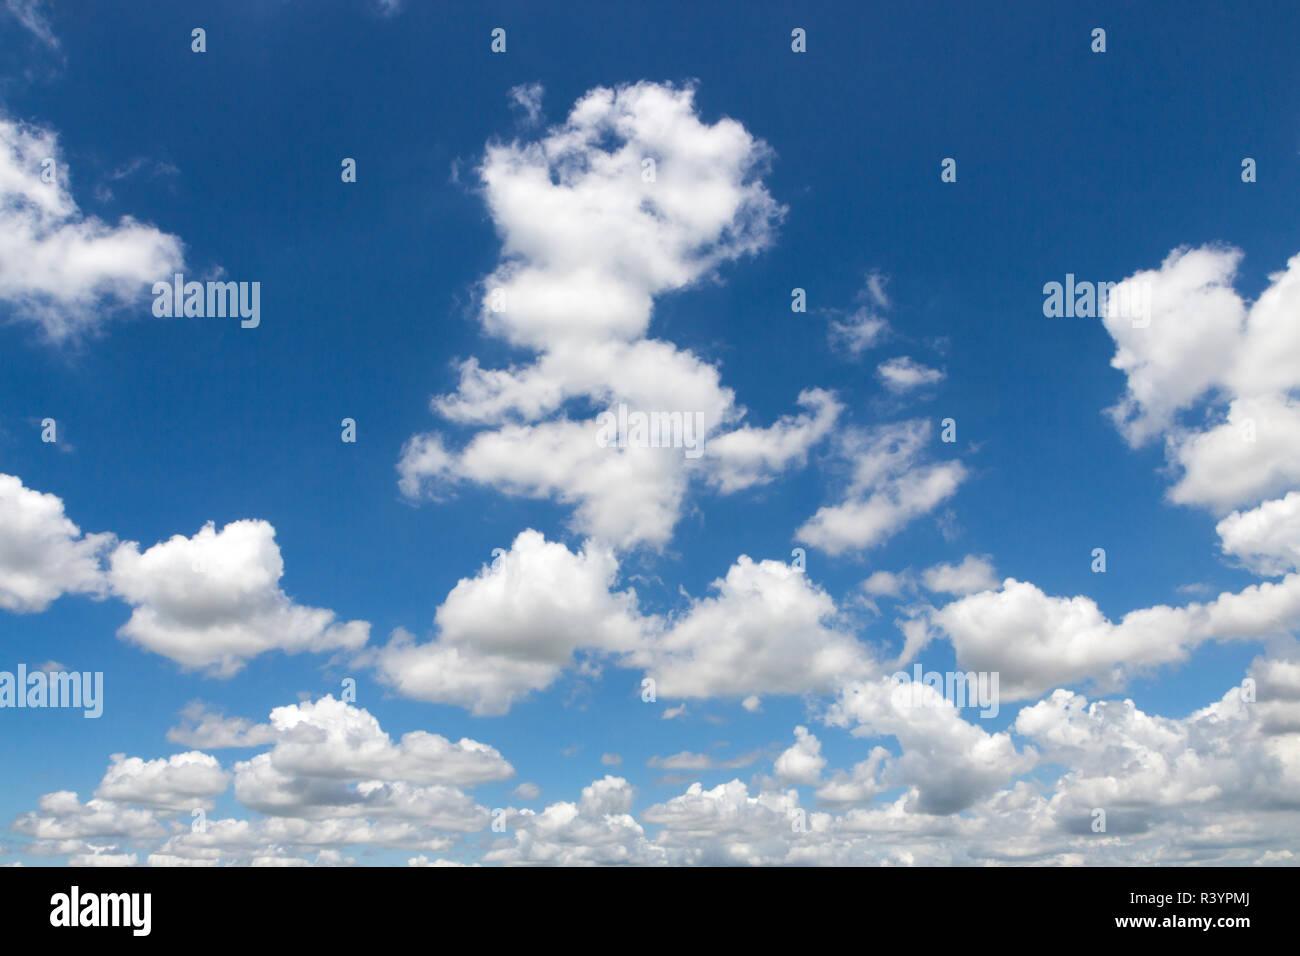 beauty clound on blue sky - Stock Image